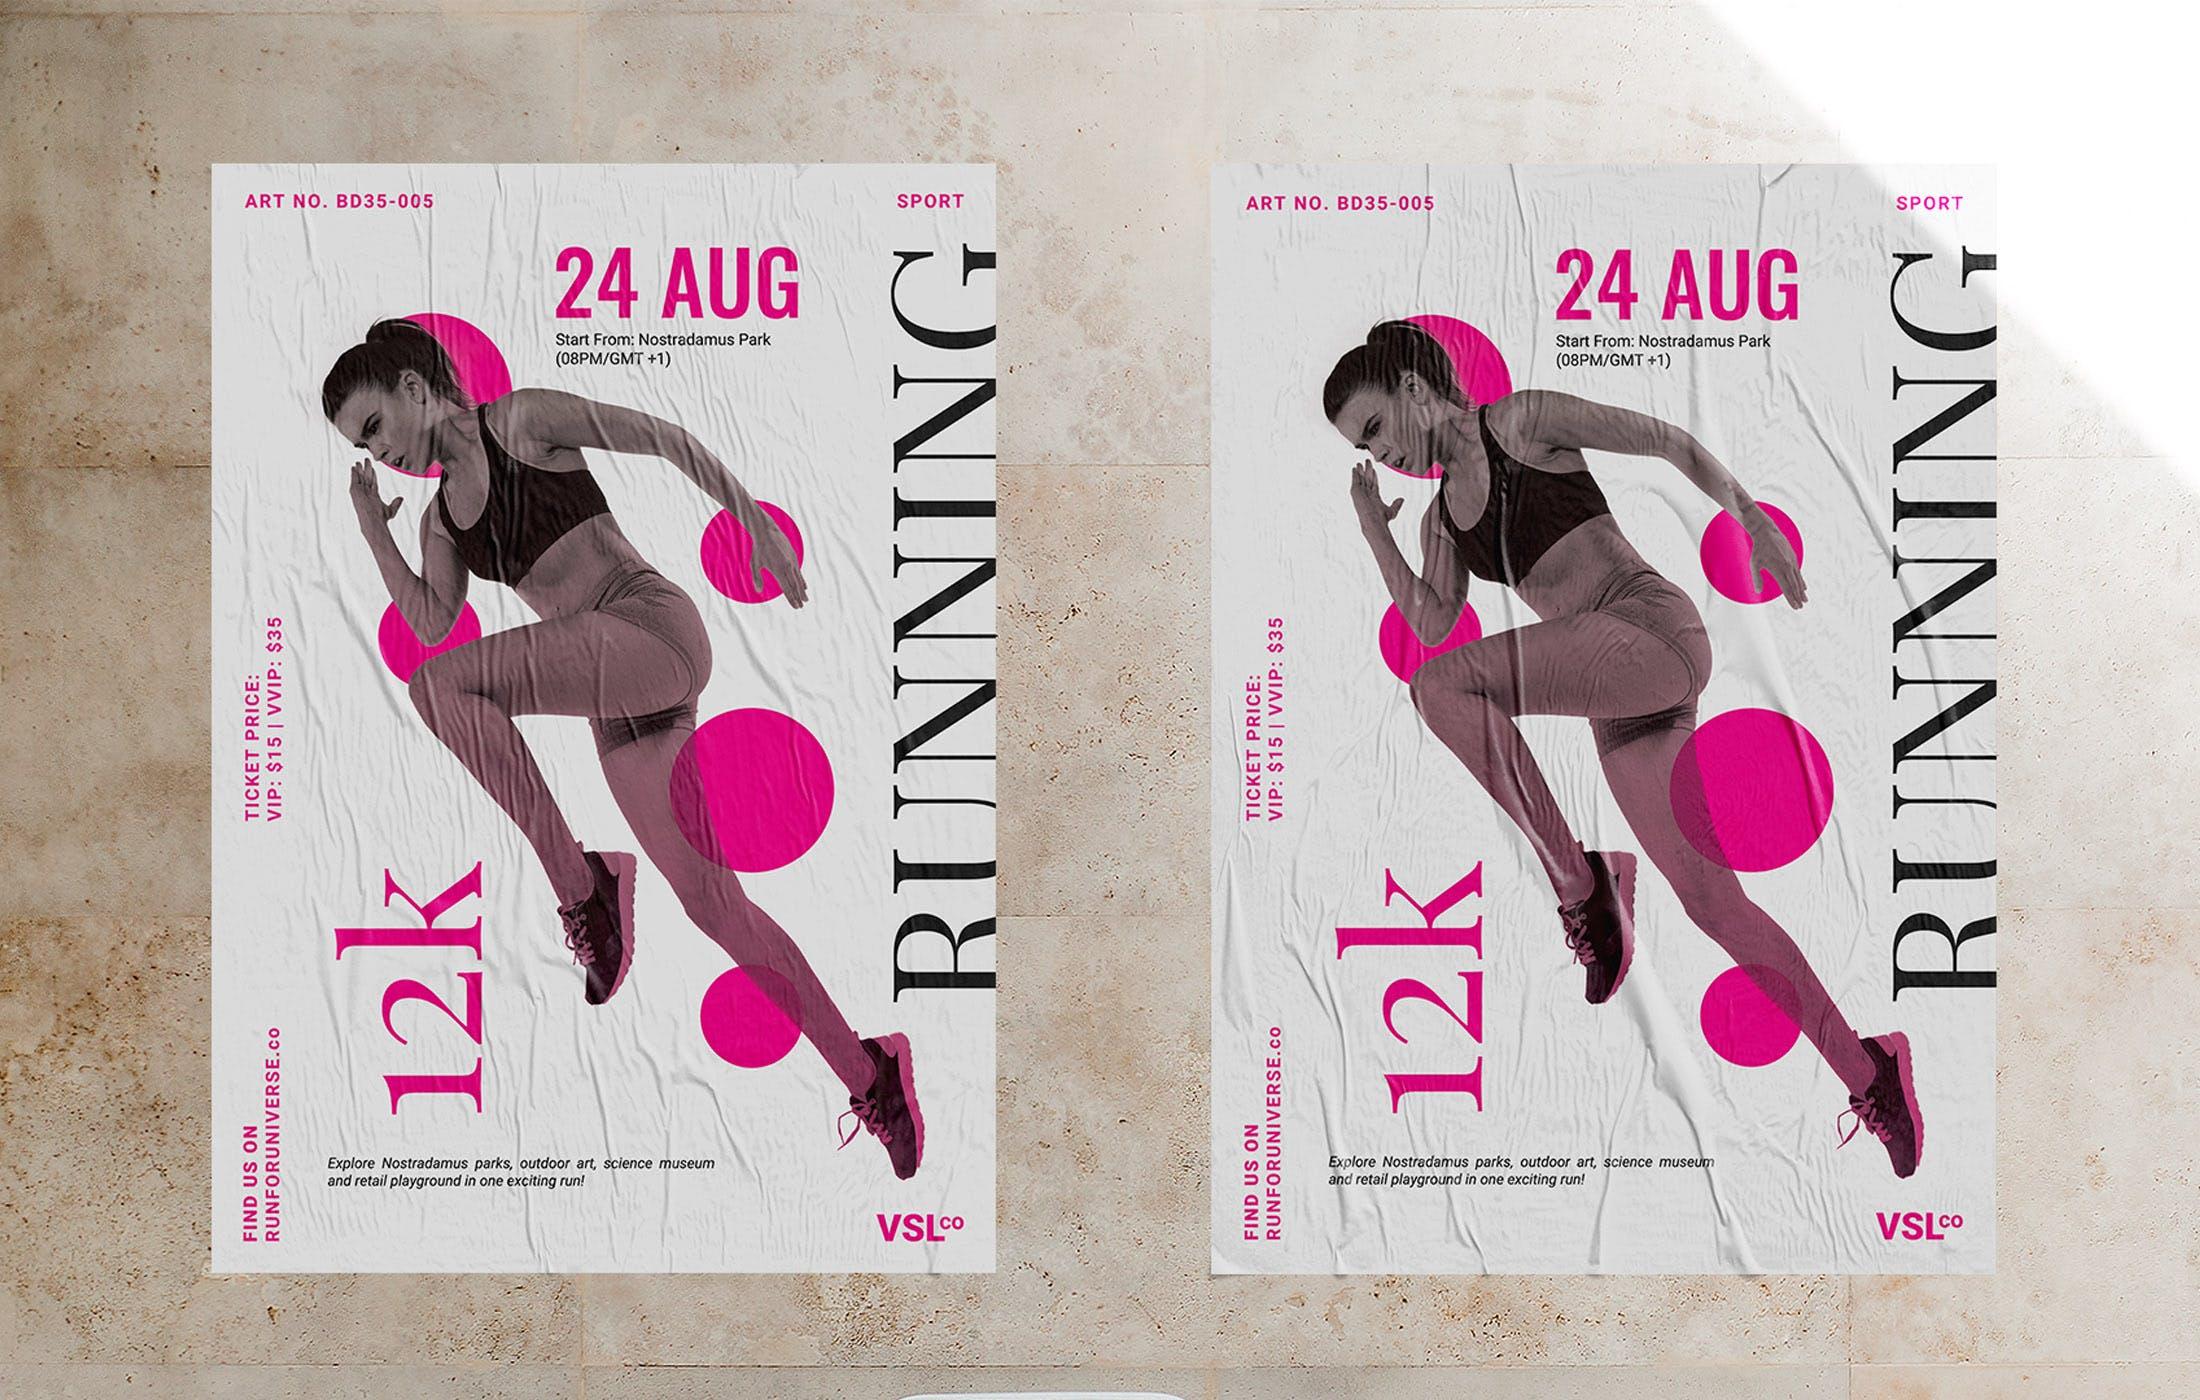 运动宣传类海报素材模板海报/传单下载Running Poster